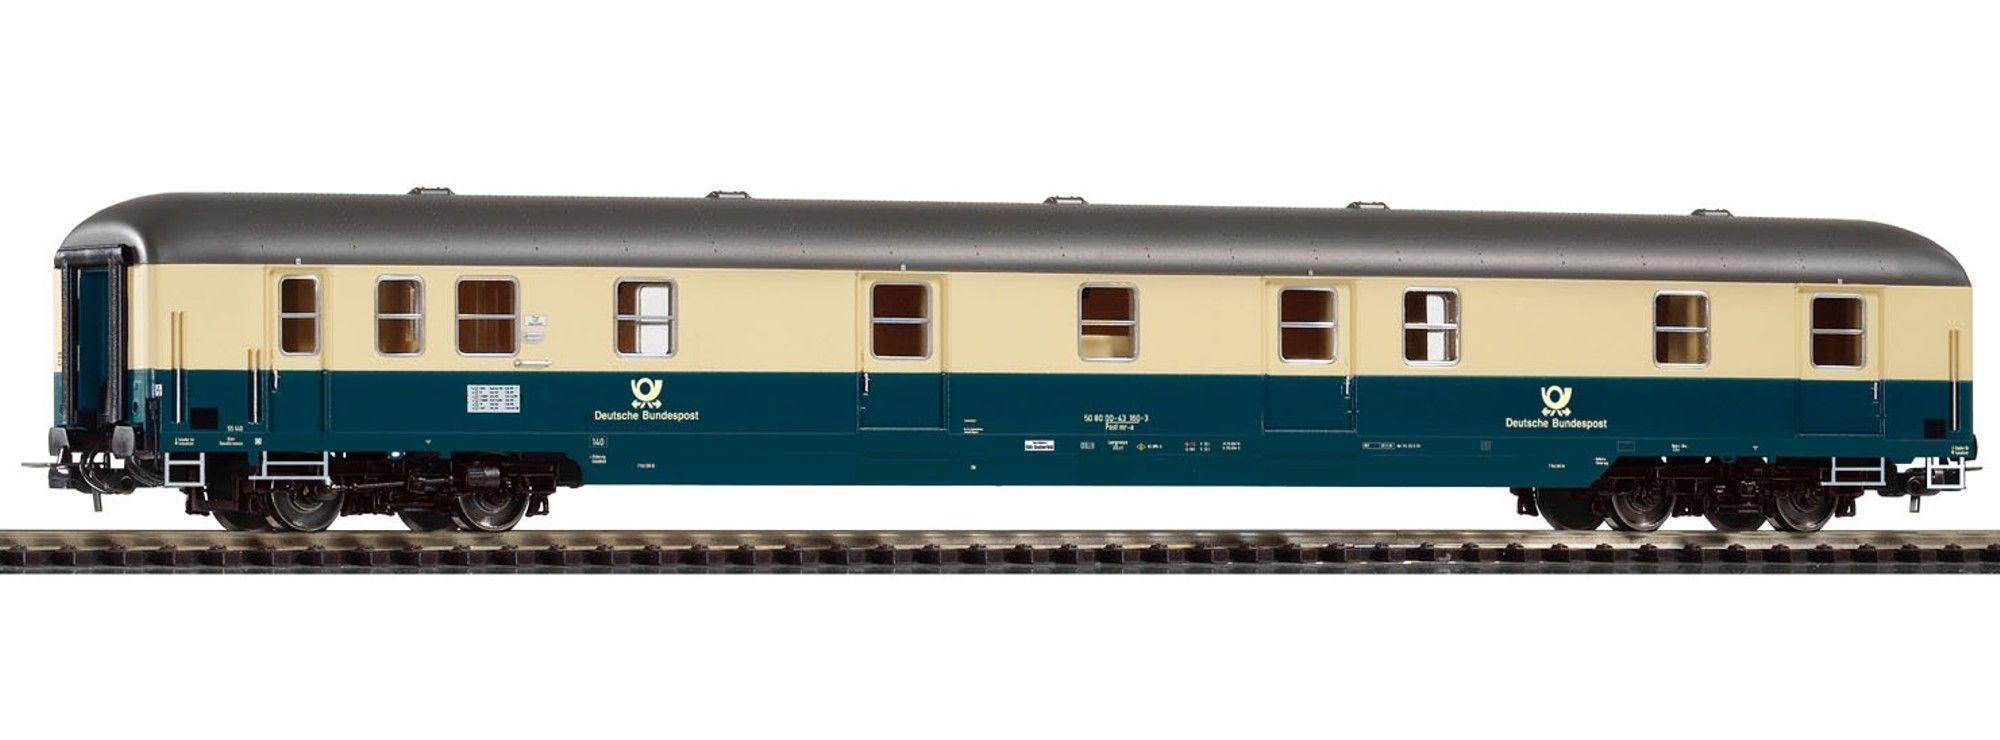 Piko 53387 - Post mr-a-55 der Baureihe 55, ozeanblau-beige, Deutsche Bundespost, neues Horn, Ep. IV.1